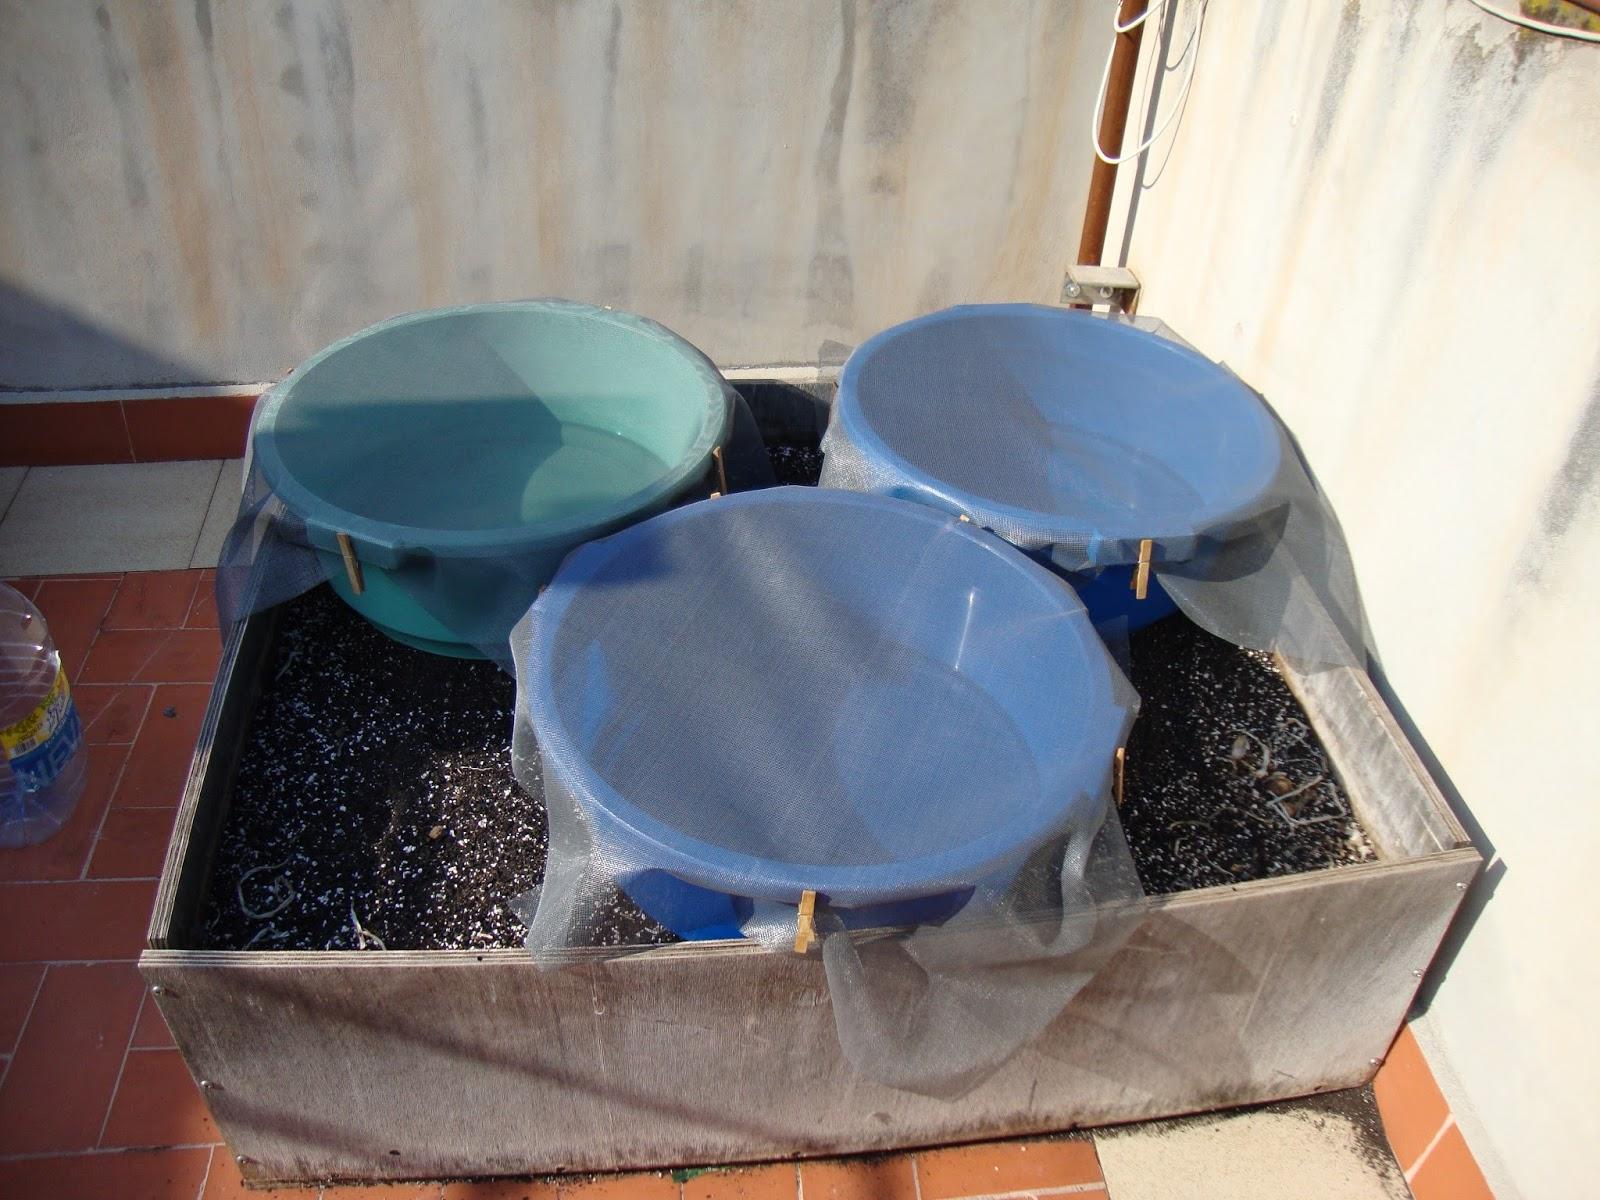 Ciencia inventos y experimentos en casa matamosquitos - Mosquitera casera ...